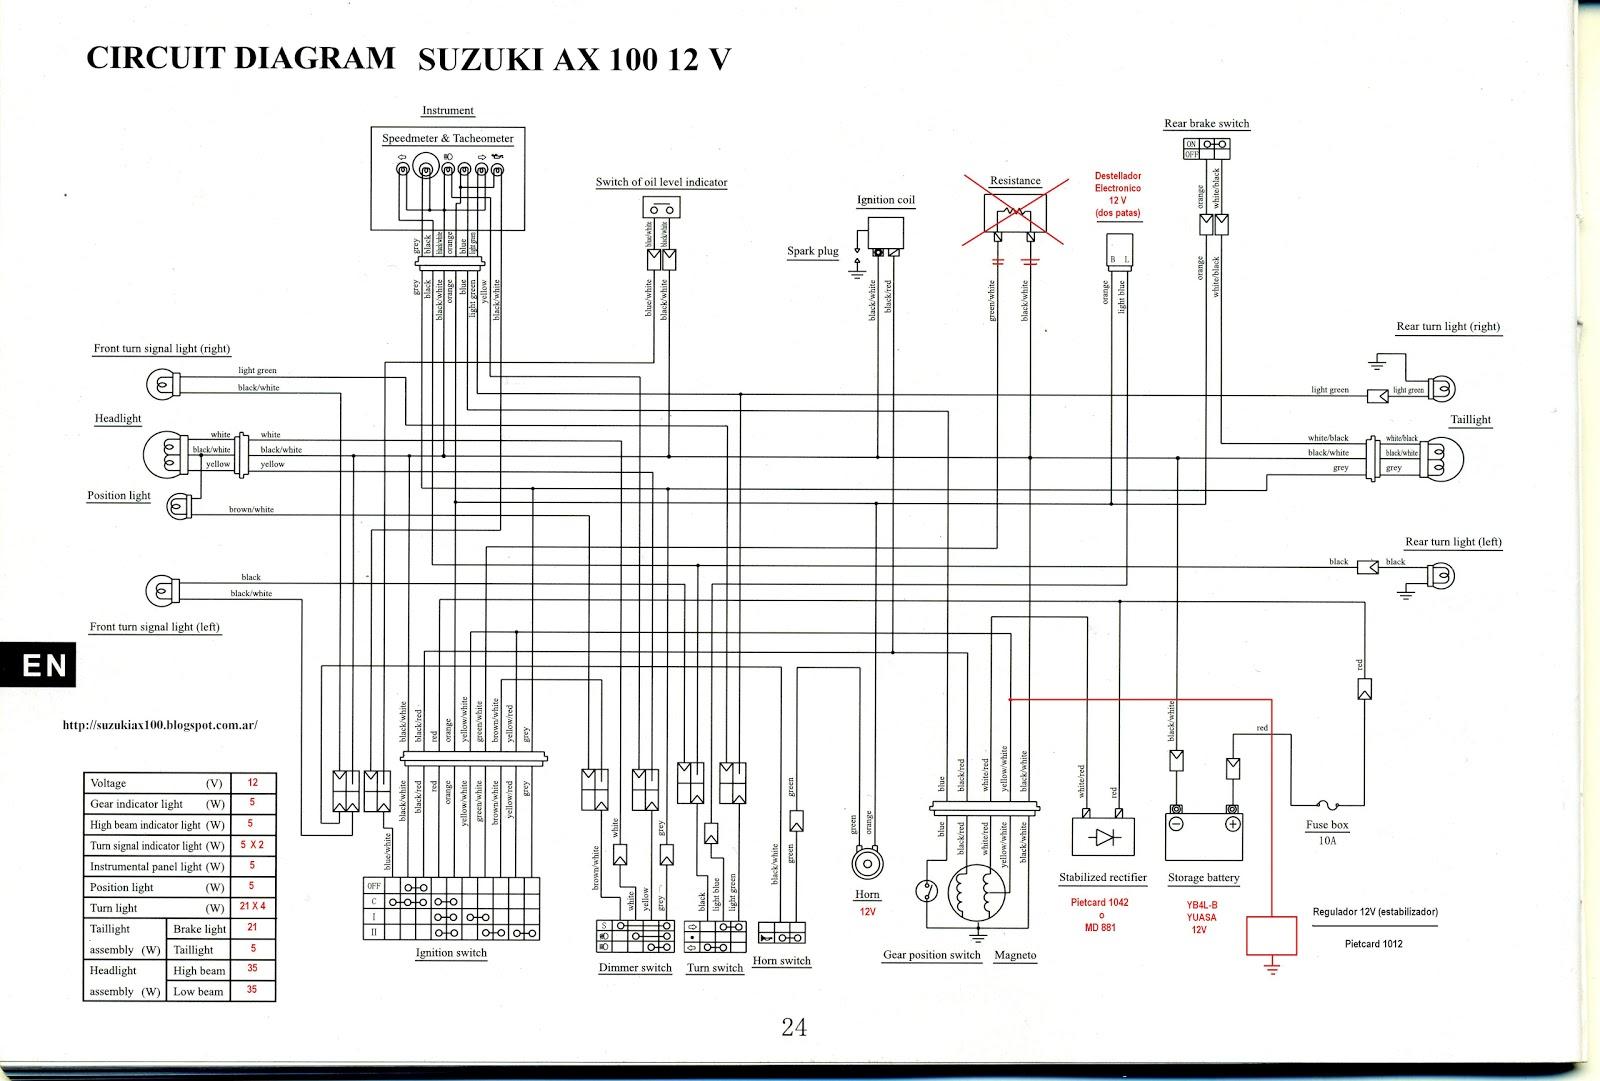 suzuki ax100 pasi u00f3n por 2t  diagrama del circuito electrico 12v suzuki ax 100  hd